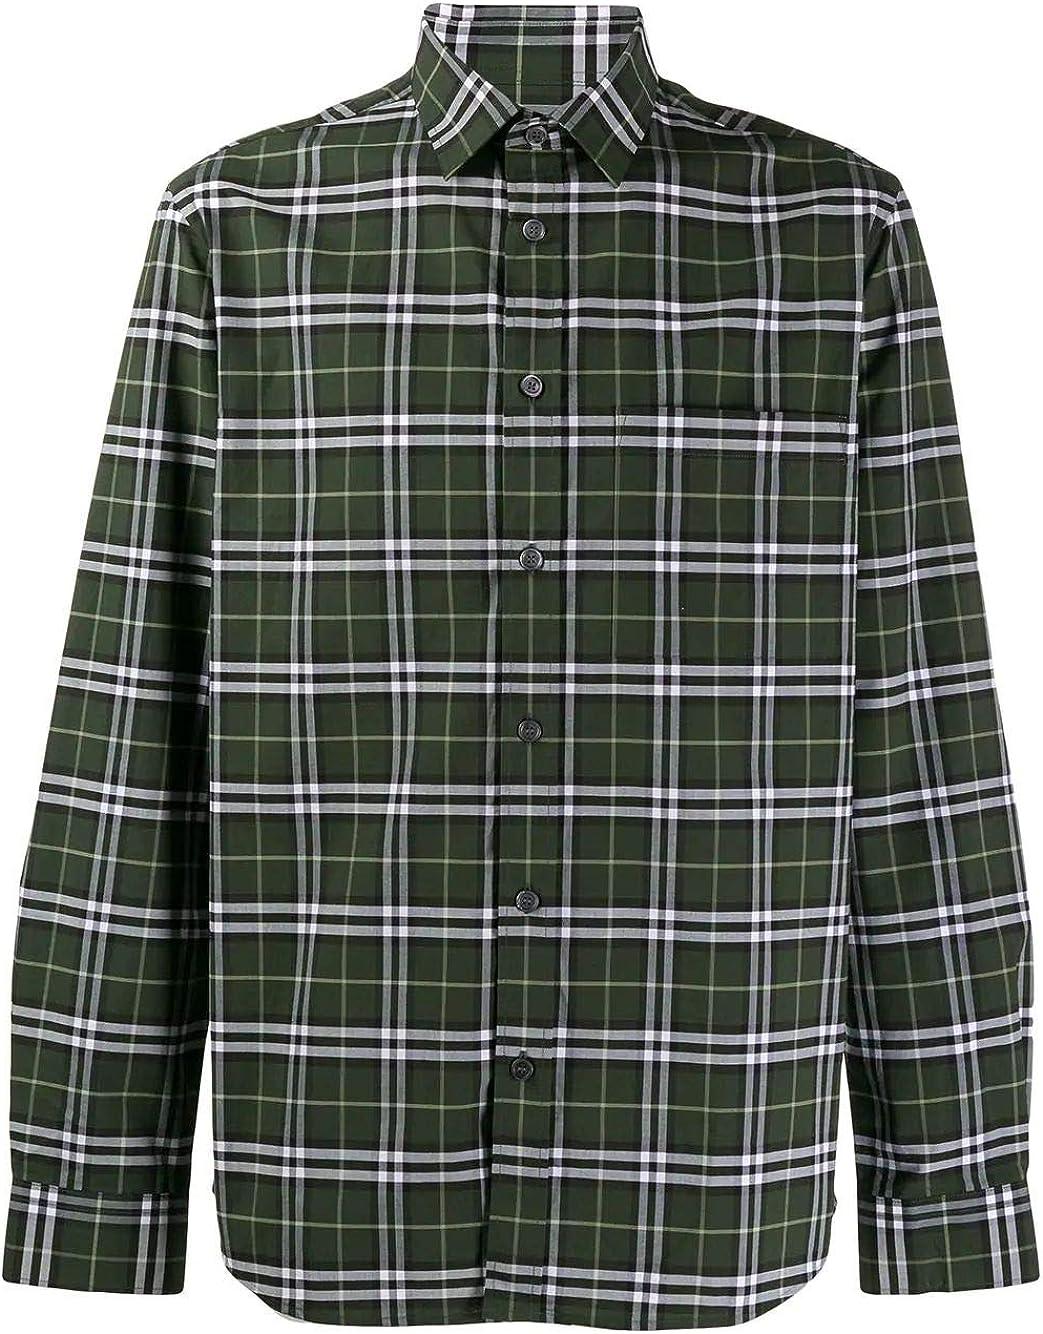 Burberry Camisa Hombre 8017566 algodón Verde Verde L: Amazon.es: Ropa y accesorios